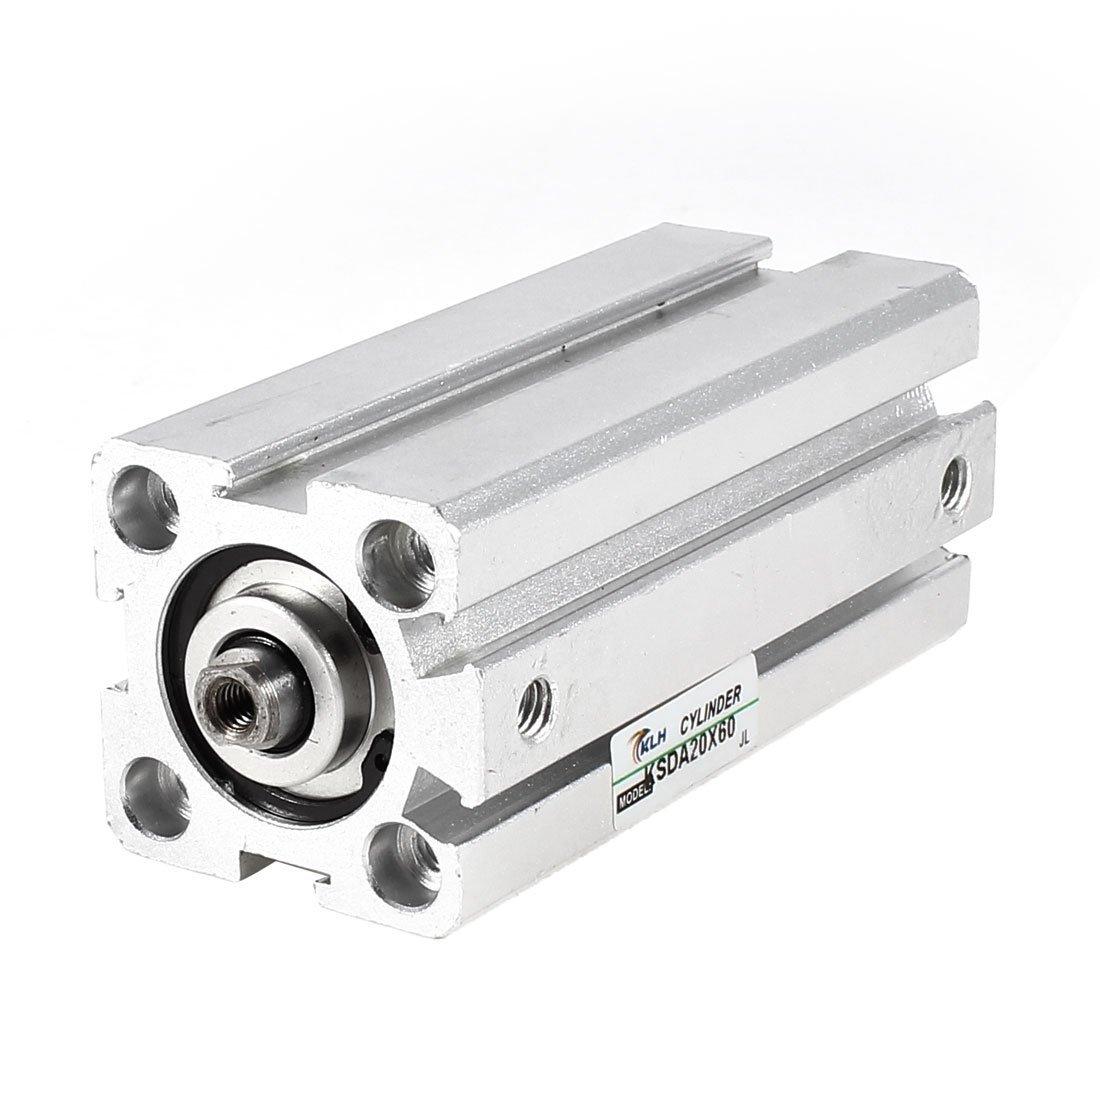 SDA20x60 20 millimetri Alesaggio 60 millimetri Corsa aria sottile cilindro pneumatico della parte di riparazione DealMux